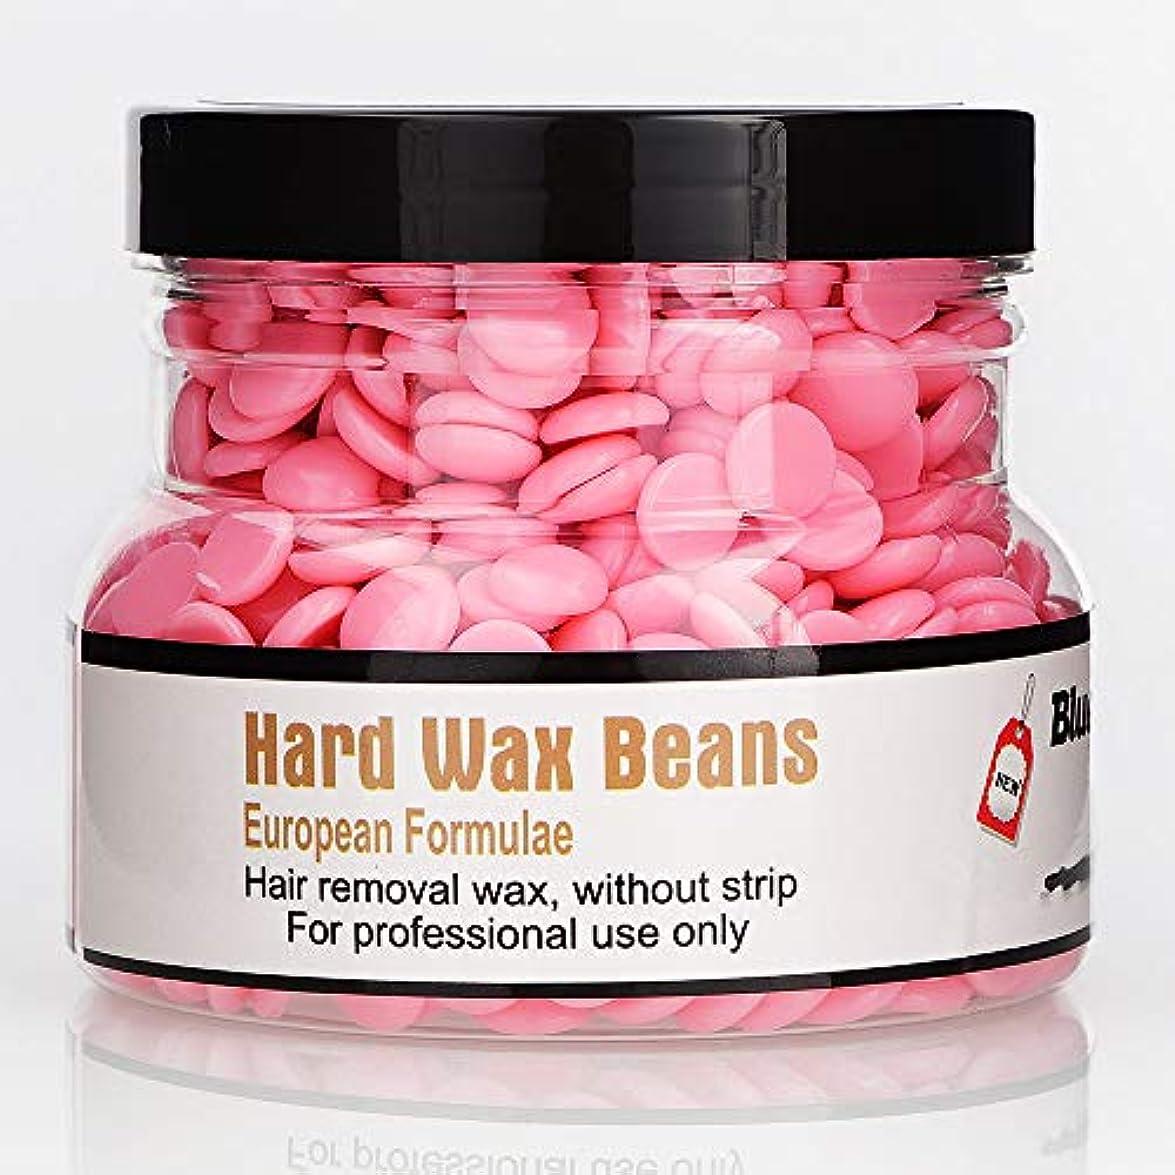 真空子孫農奴Rabugoo 250g美容脱毛ハードワックス豆フェイス脇の下のアーム脚のための安全な恒久的な脱毛剤 rose